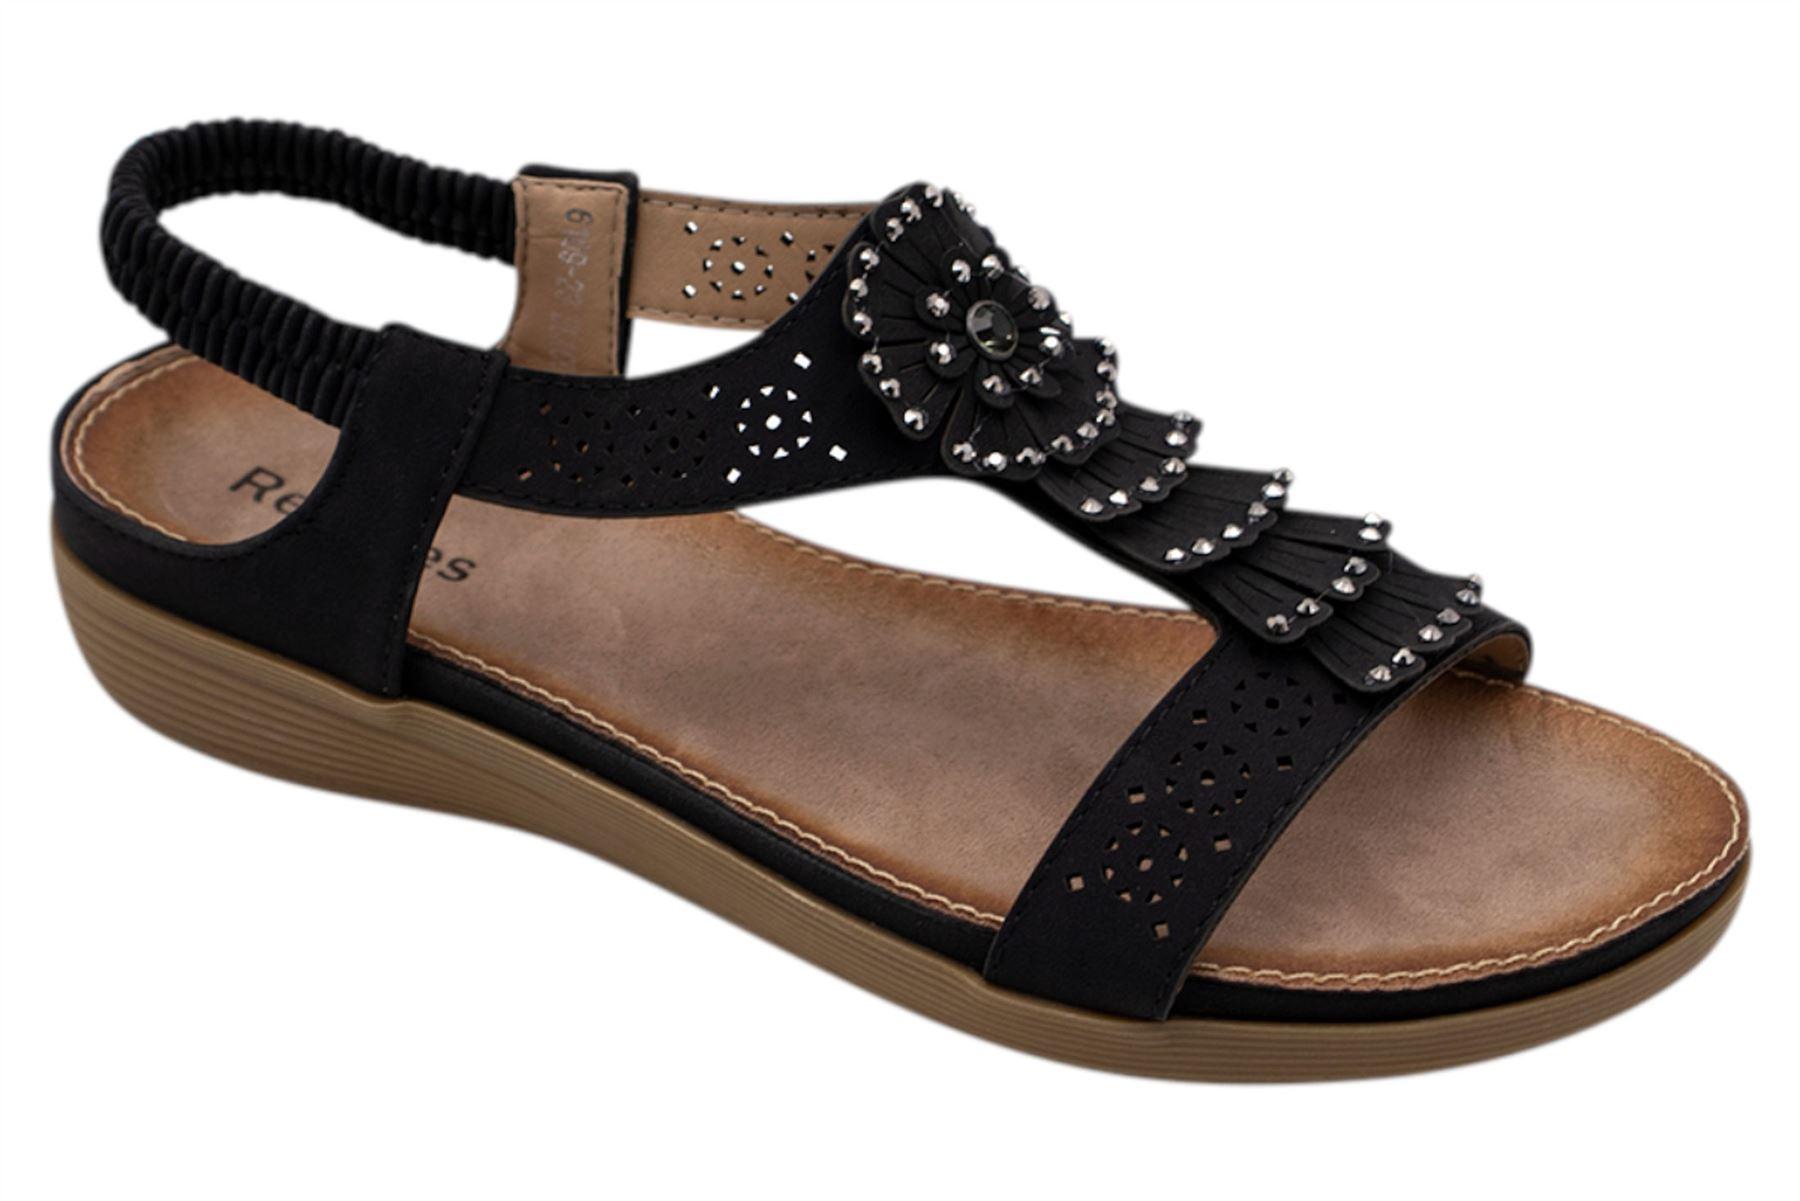 Ladies-Sandals-Womens-Shiny-Flat-Flip-Flop-Beach-Sliders miniatura 15